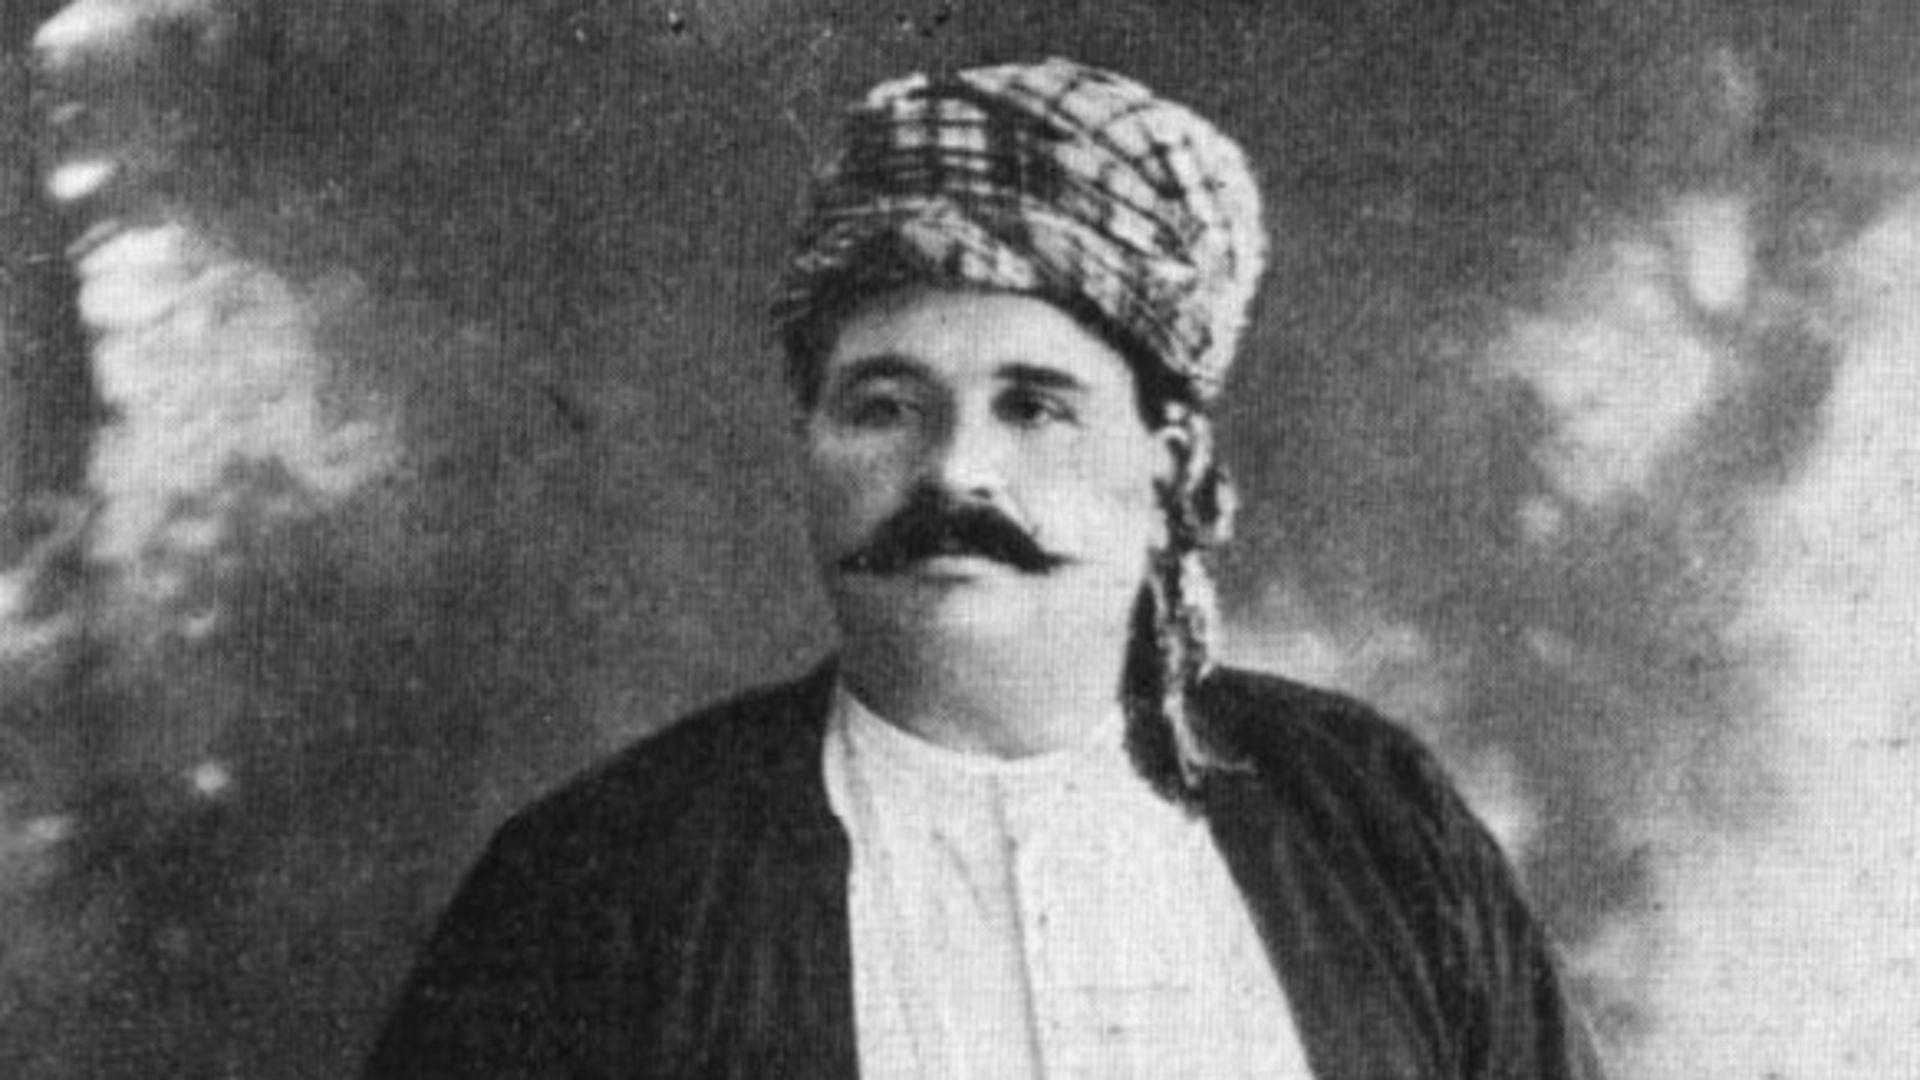 Ahlaksız teklif aldığı ABD'den dönerken ölen Koca Yusuf dünyanın uçan çelik kahramanı oldu! - Haberler